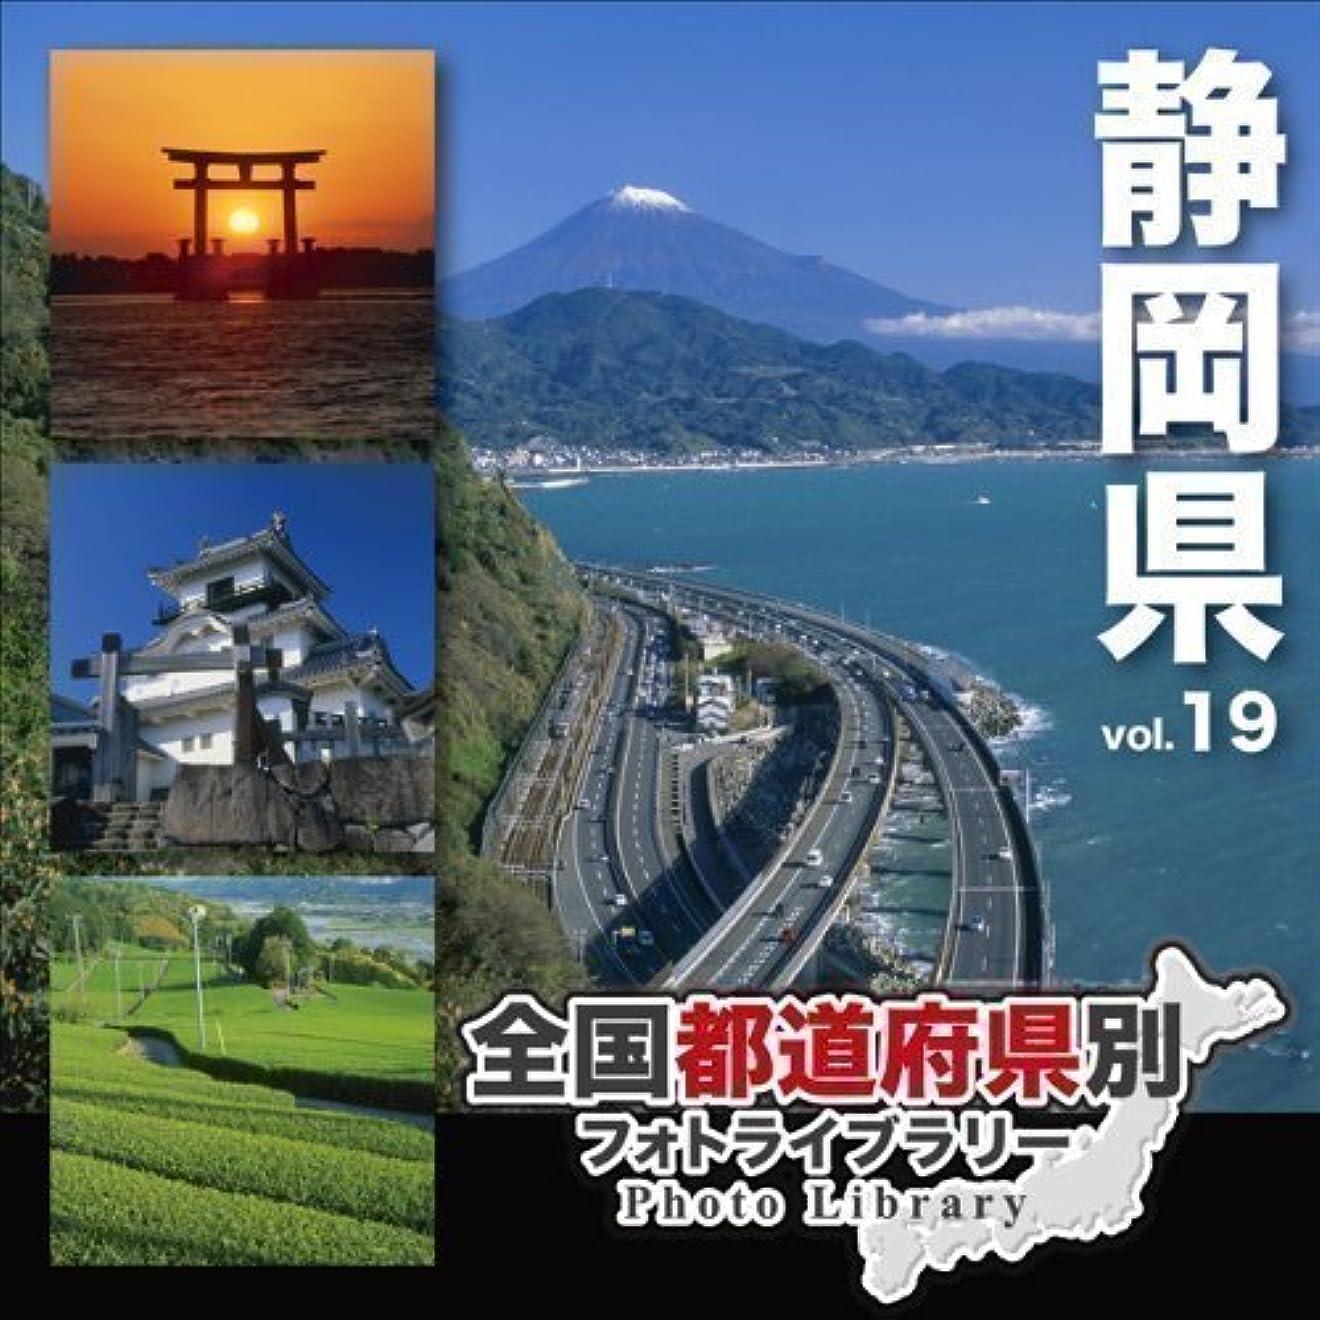 計り知れない免除する学んだ全国都道府県別フォトライブラリー Vol.19 静岡県